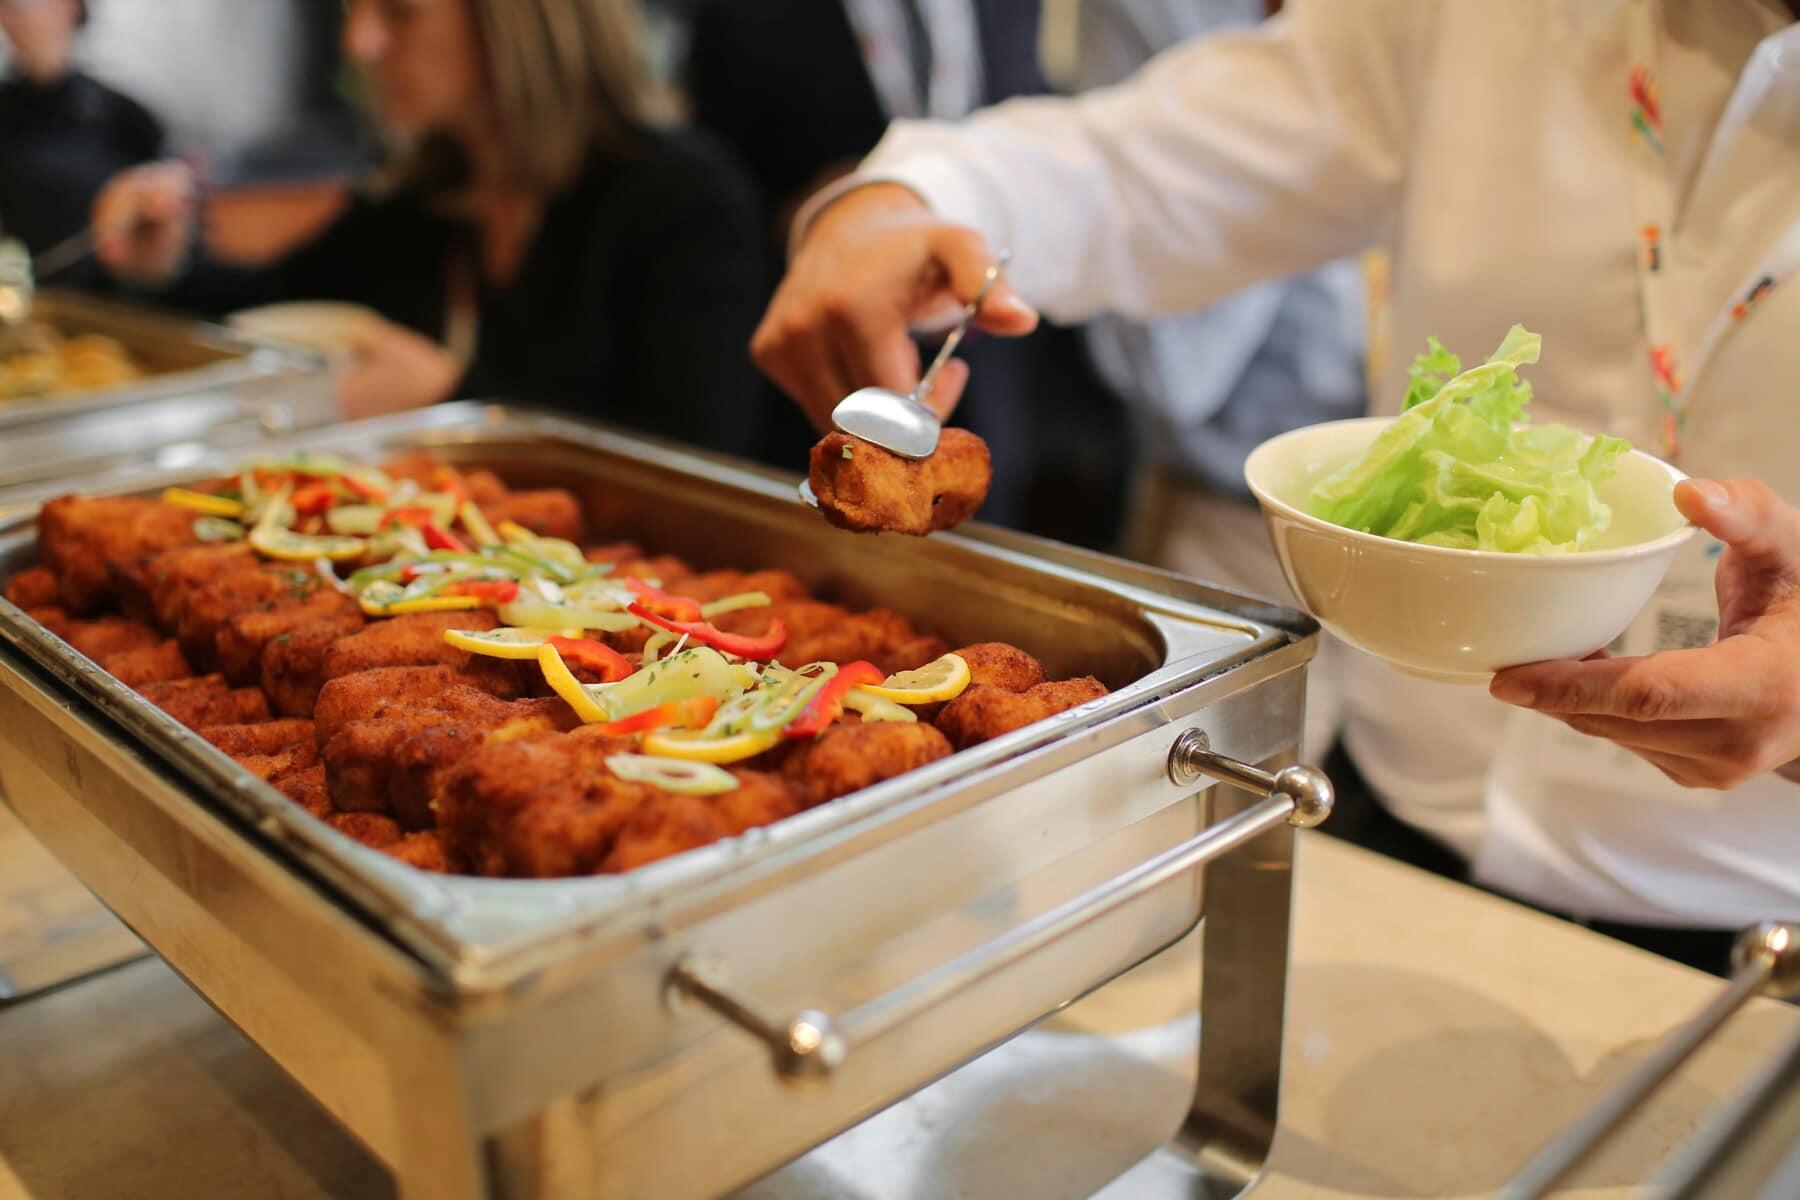 Küche, Küchentisch, Restaurant, Dienst, Servicemann, Salat, Fleisch, Salat, Mittagessen, Mahlzeit